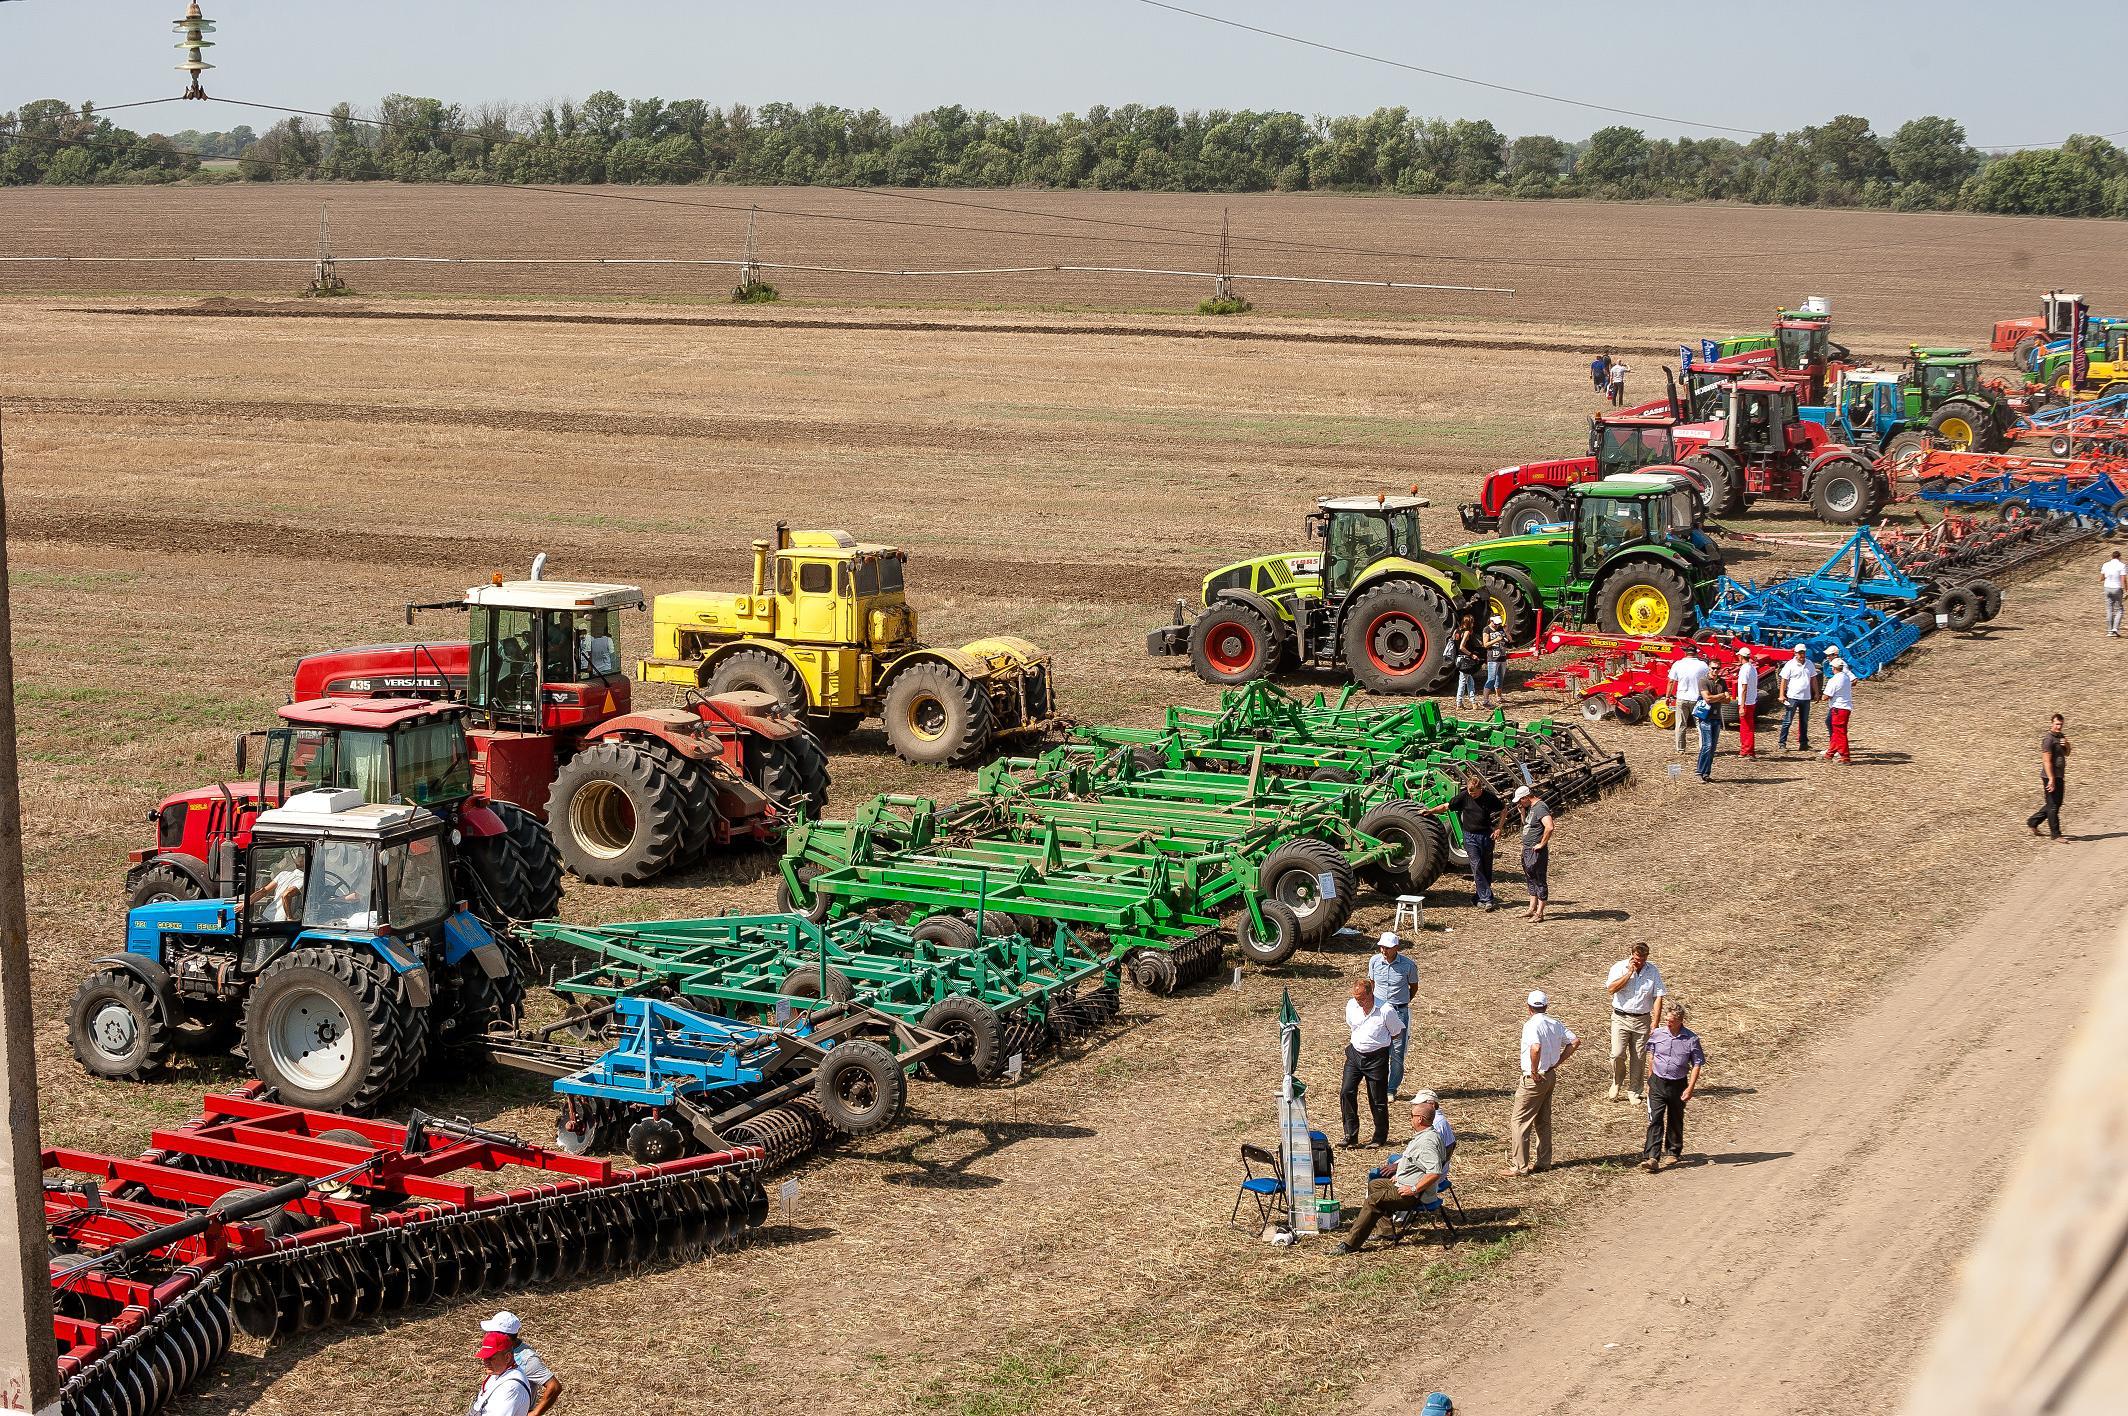 может еще название сельскохозяйственных машин и фото привычка это